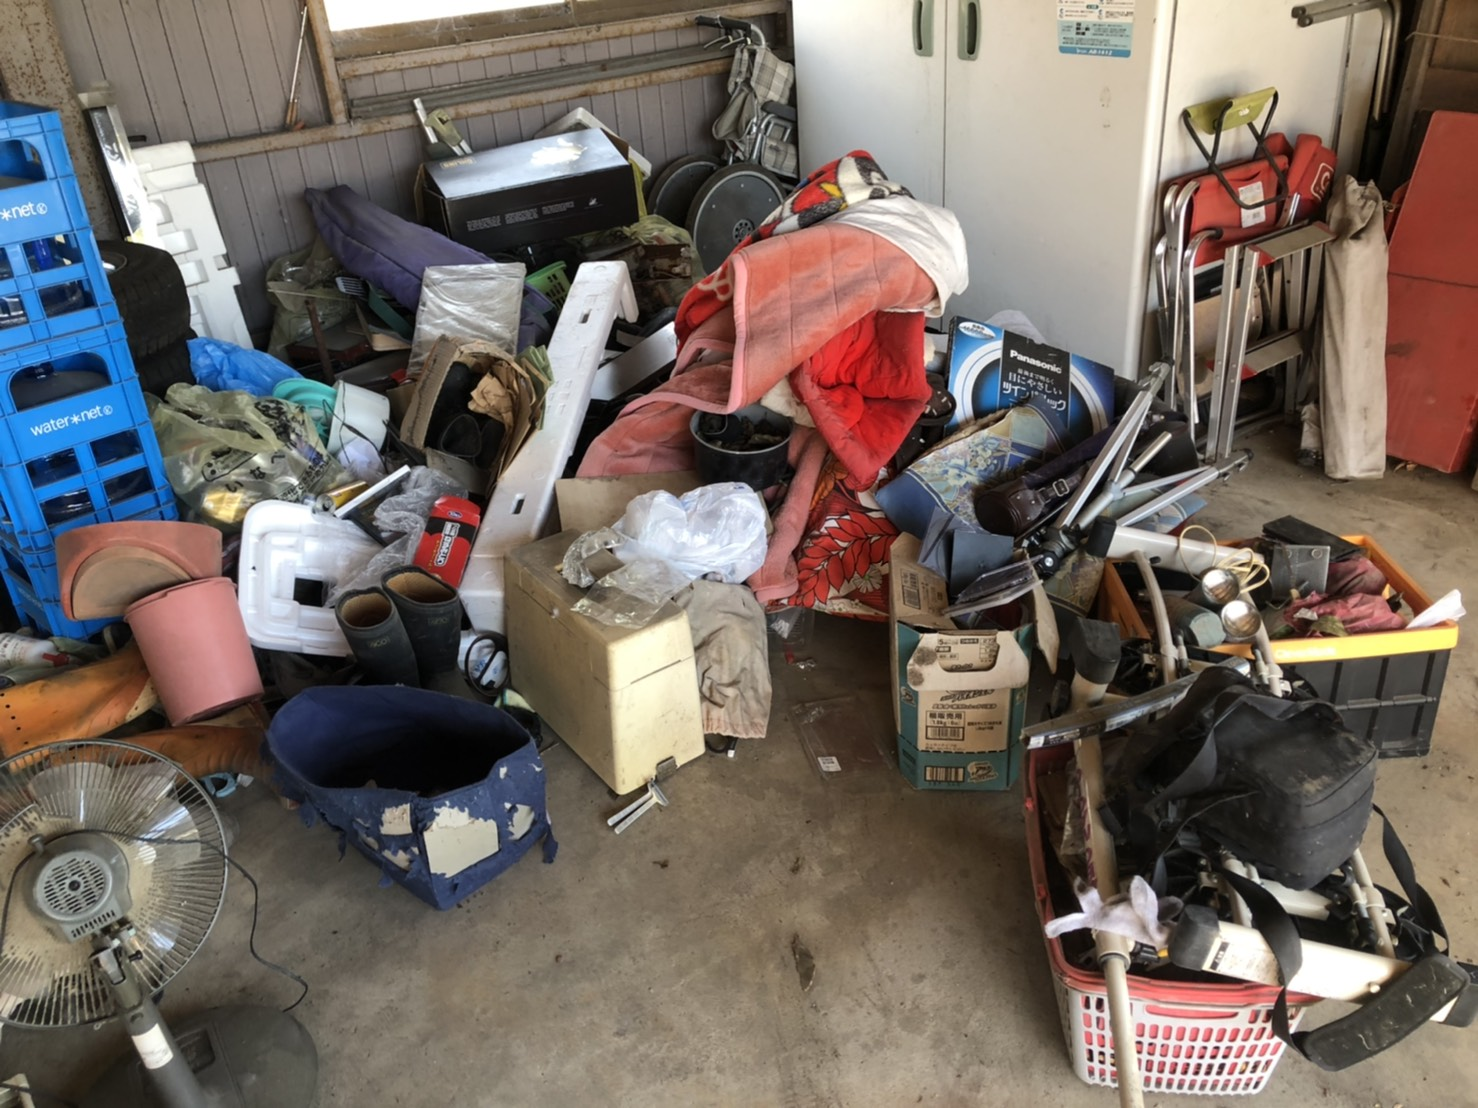 ガレージ内の不用品の回収前